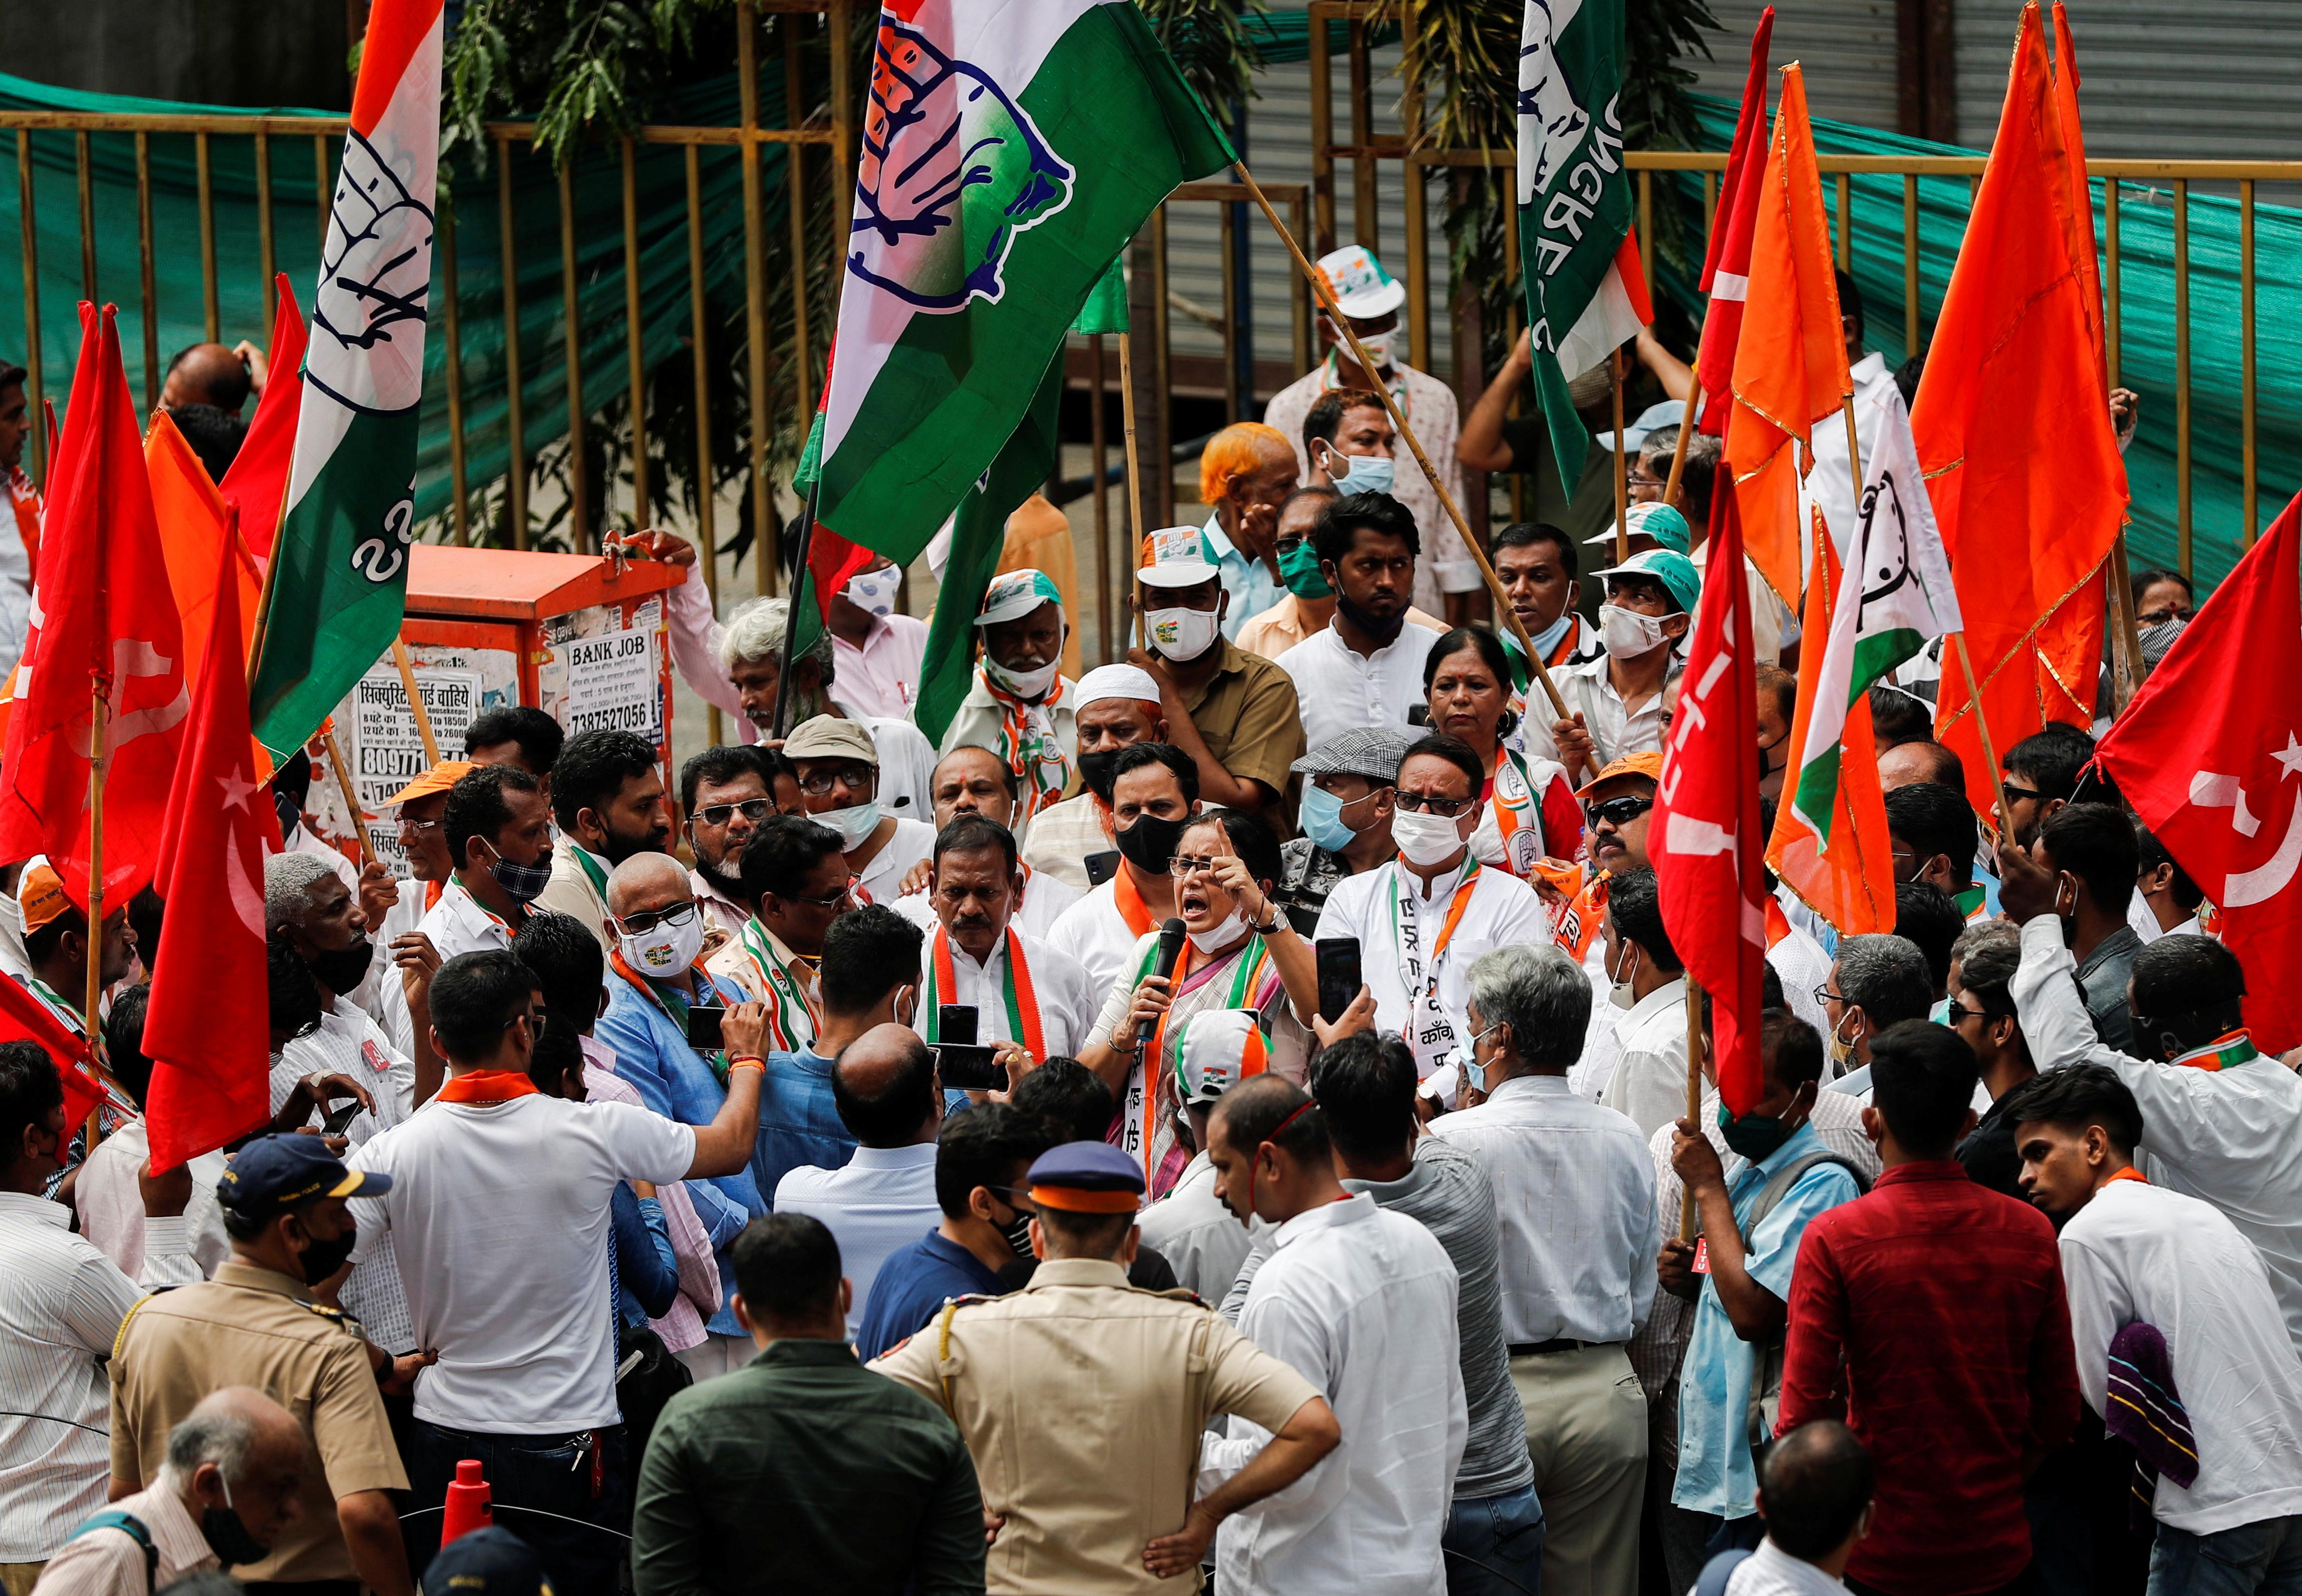 मुंबई में शिवसेना, कांग्रेस और सीपीआई के कार्याकर्ताओं ने साथ मिलकर प्रोटेस्ट किया।